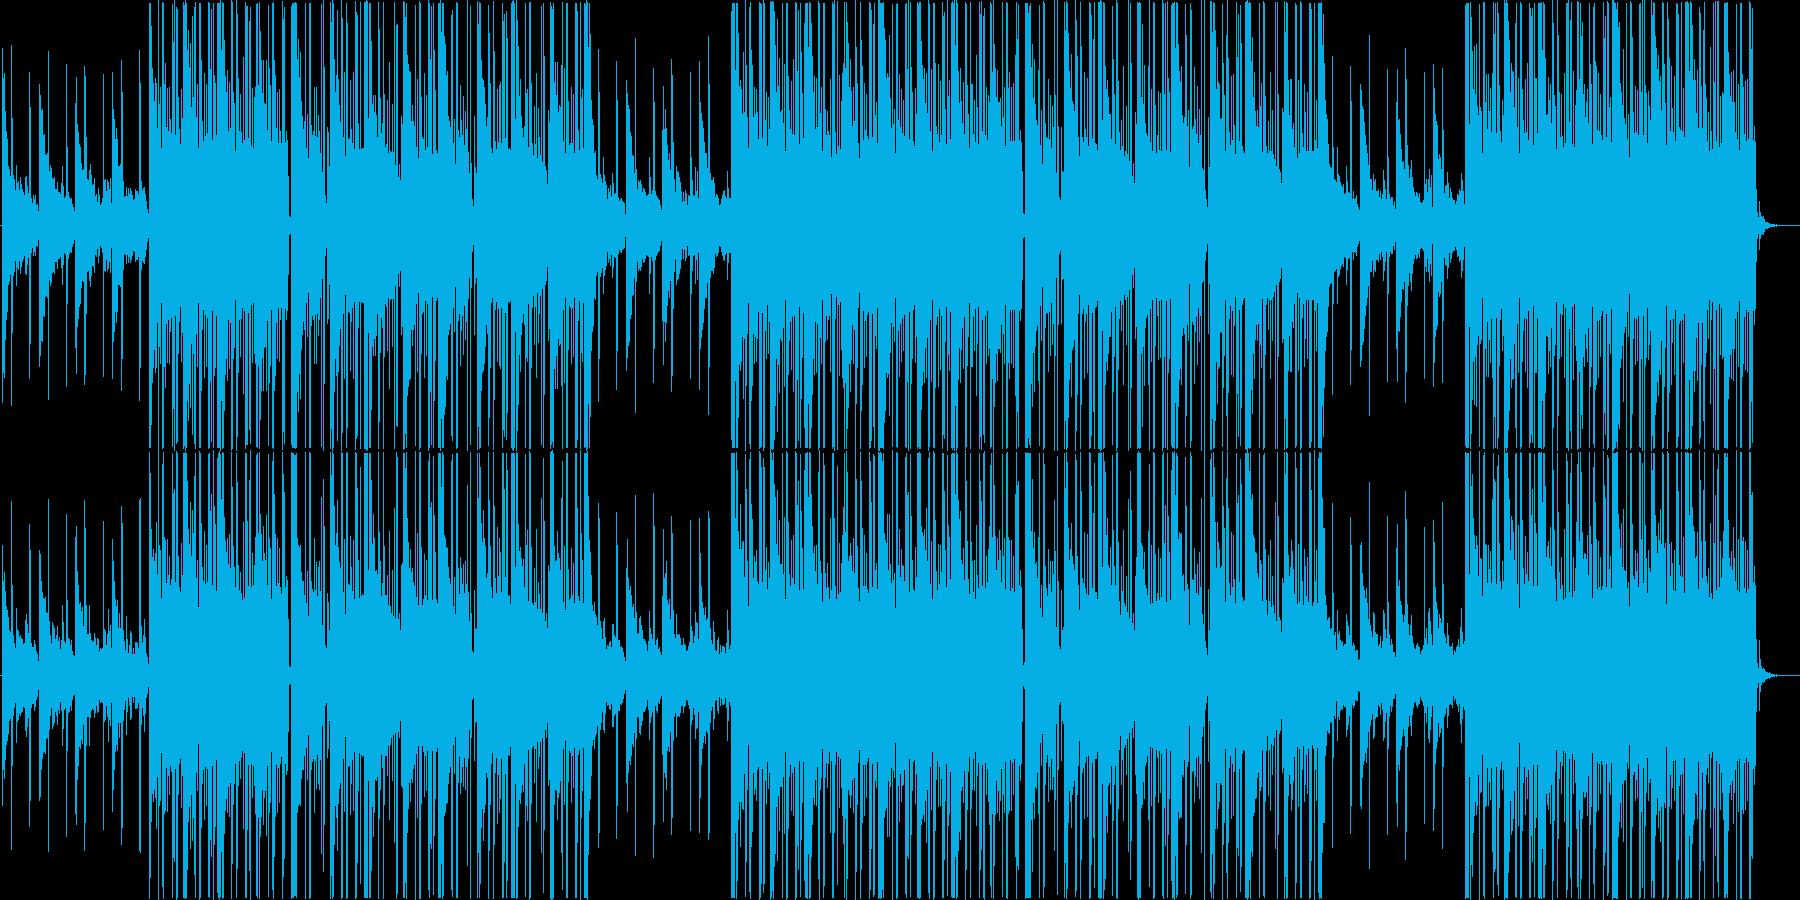 穏やかなローファイ、チルアウトR&B♬の再生済みの波形